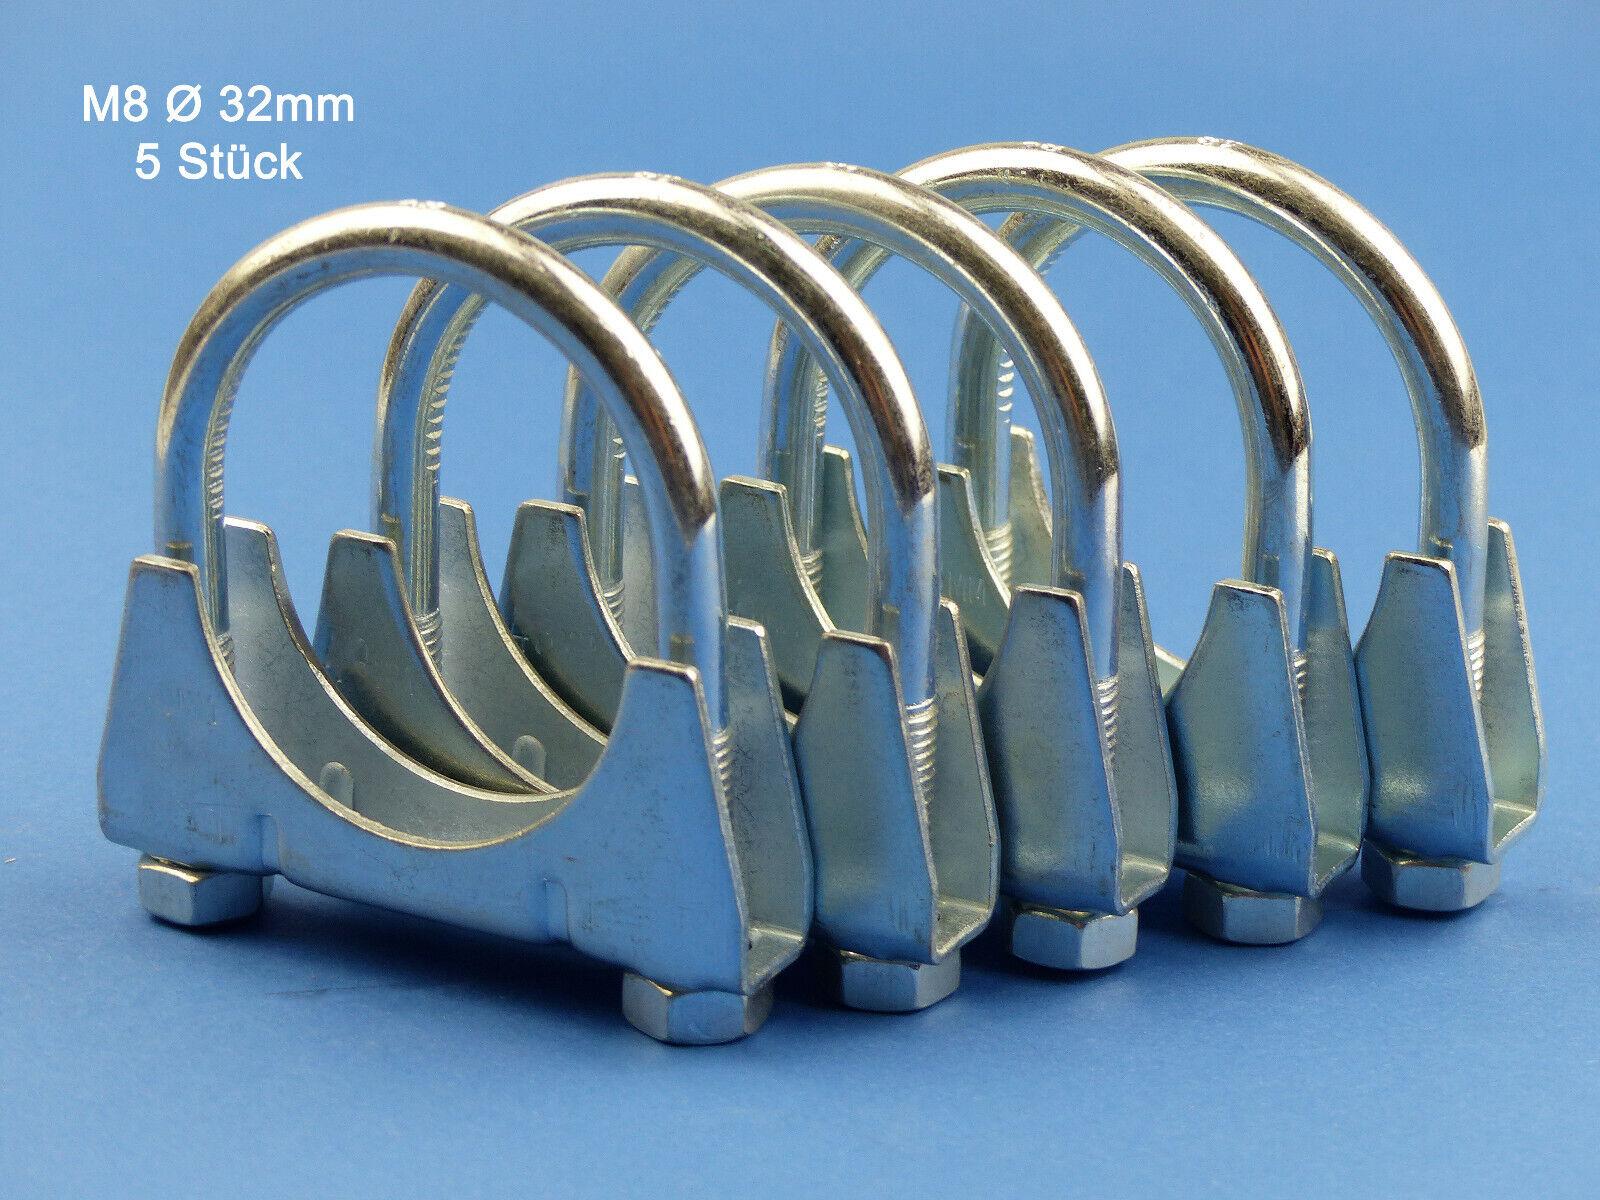 Schelle M8 Ø 32 mm 10St. Auspuffschelle Montageschelle für Abgasanlage